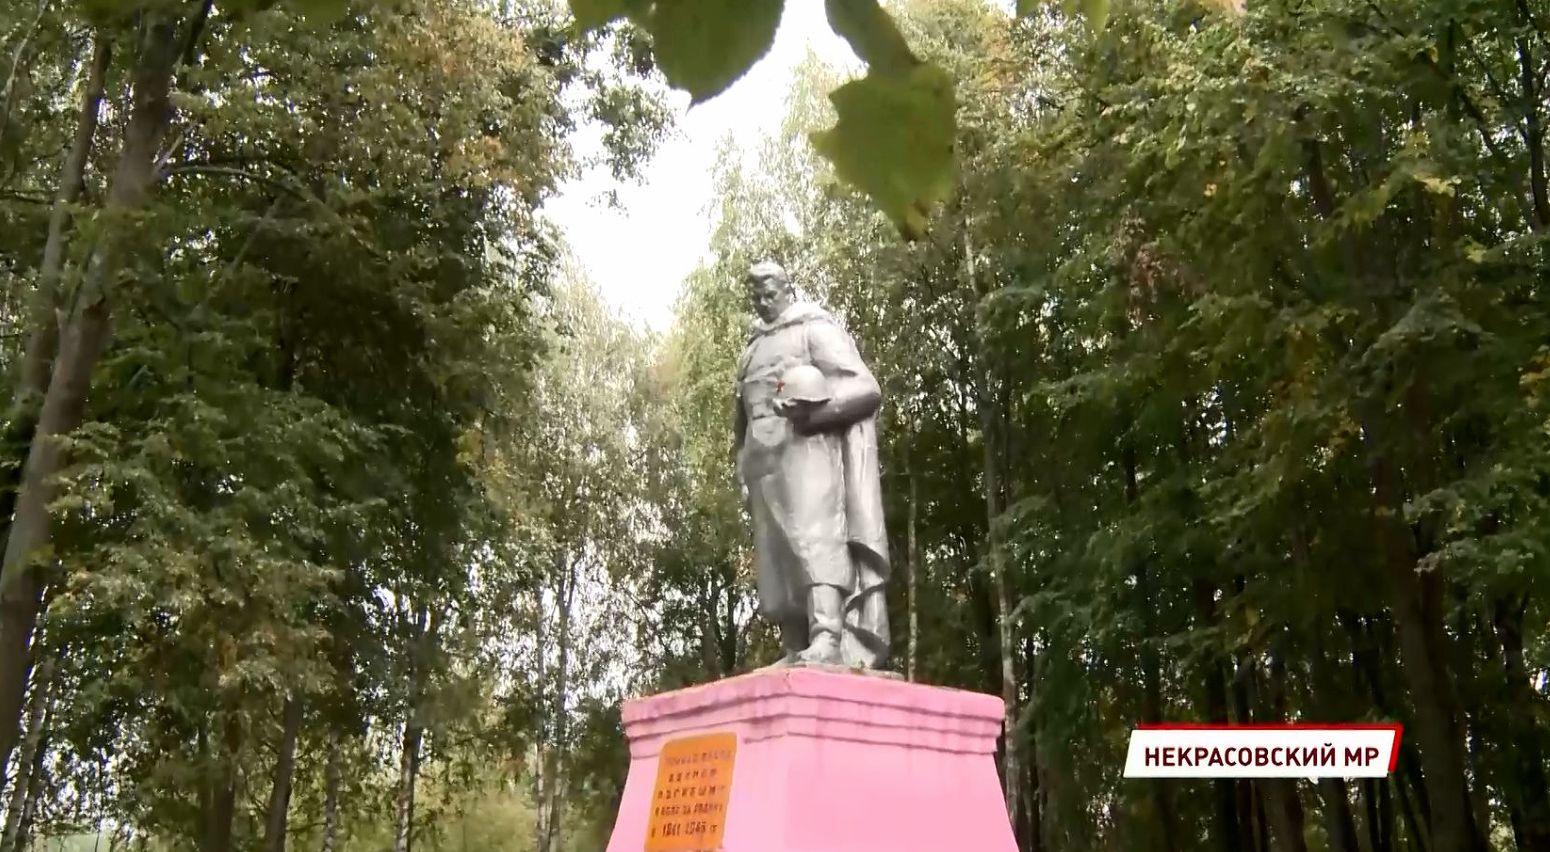 В деревне Борисовской Ярославской области благоустроили территорию у мемориала погибшим в Великой отечественной войне